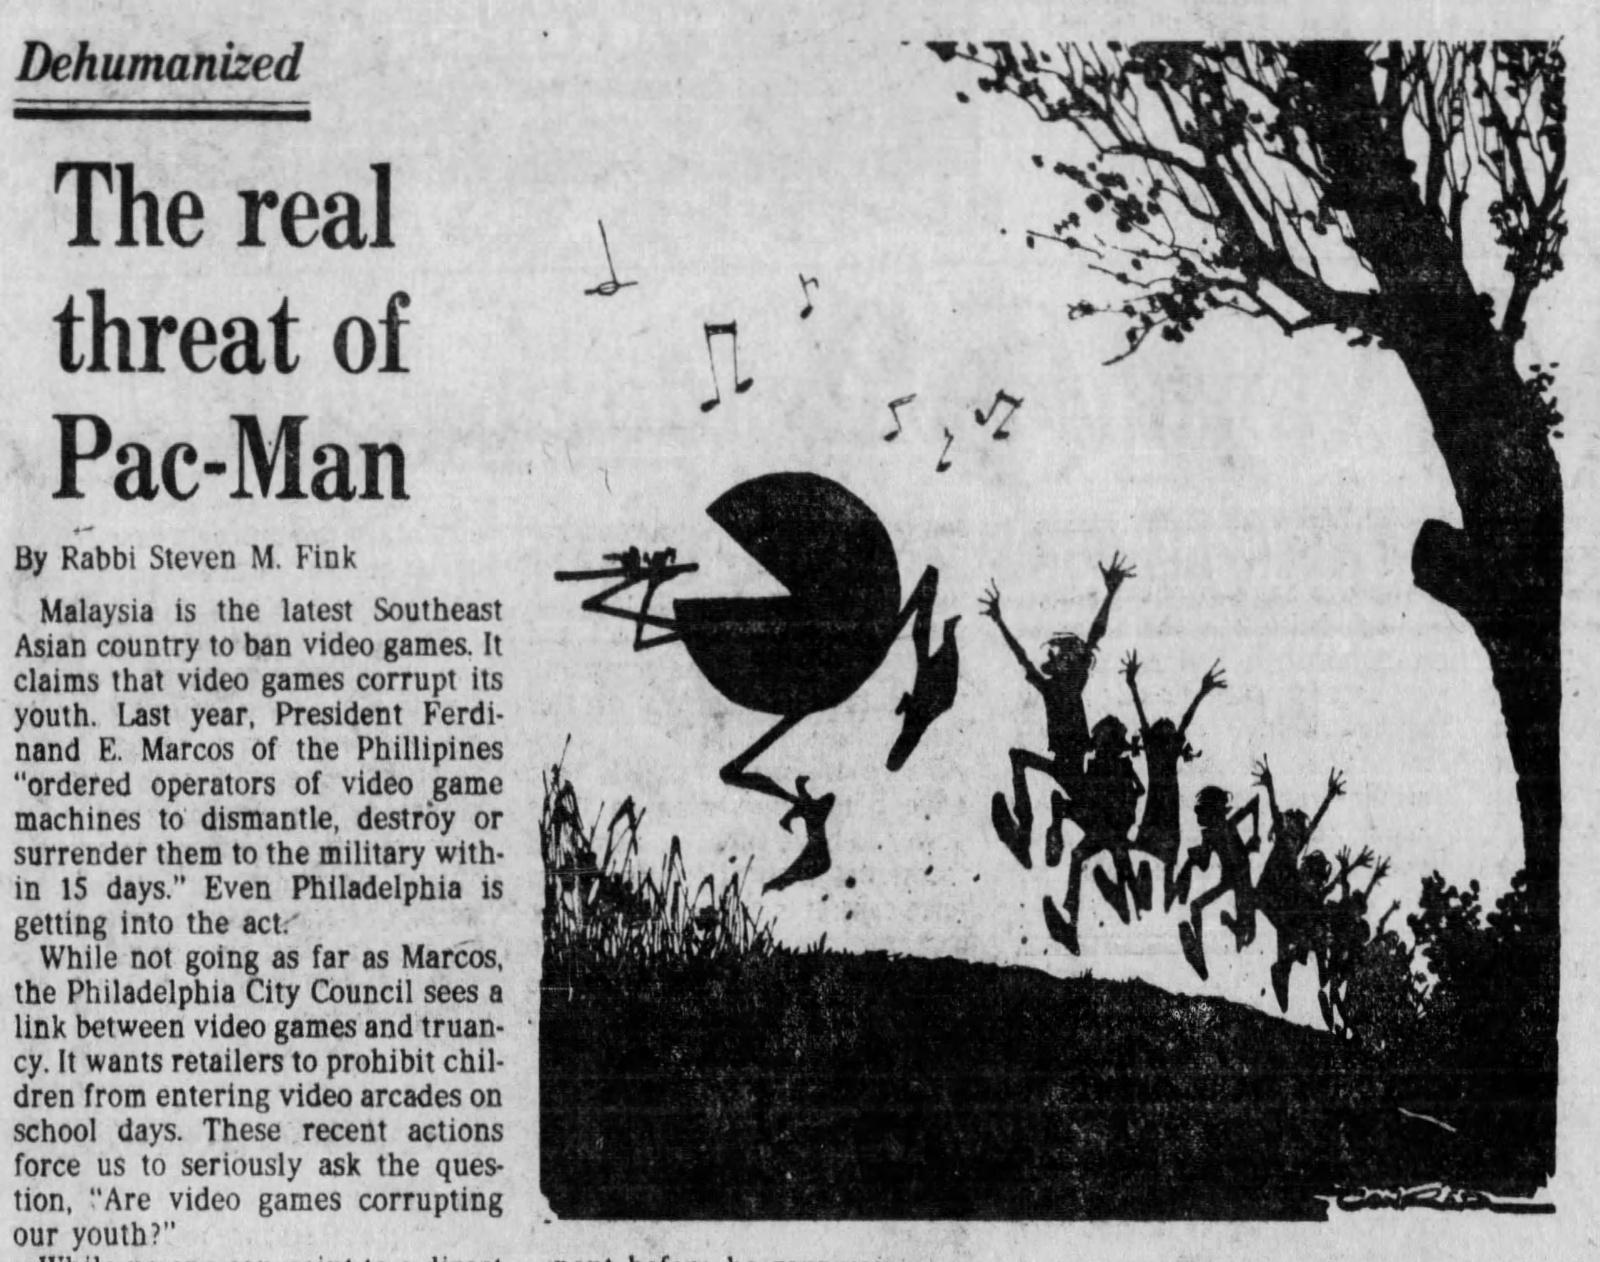 Магазинные крысы, видиоты и игроманы: пропаганда вреда видеоигр, шедшая в 80-х годах - 5